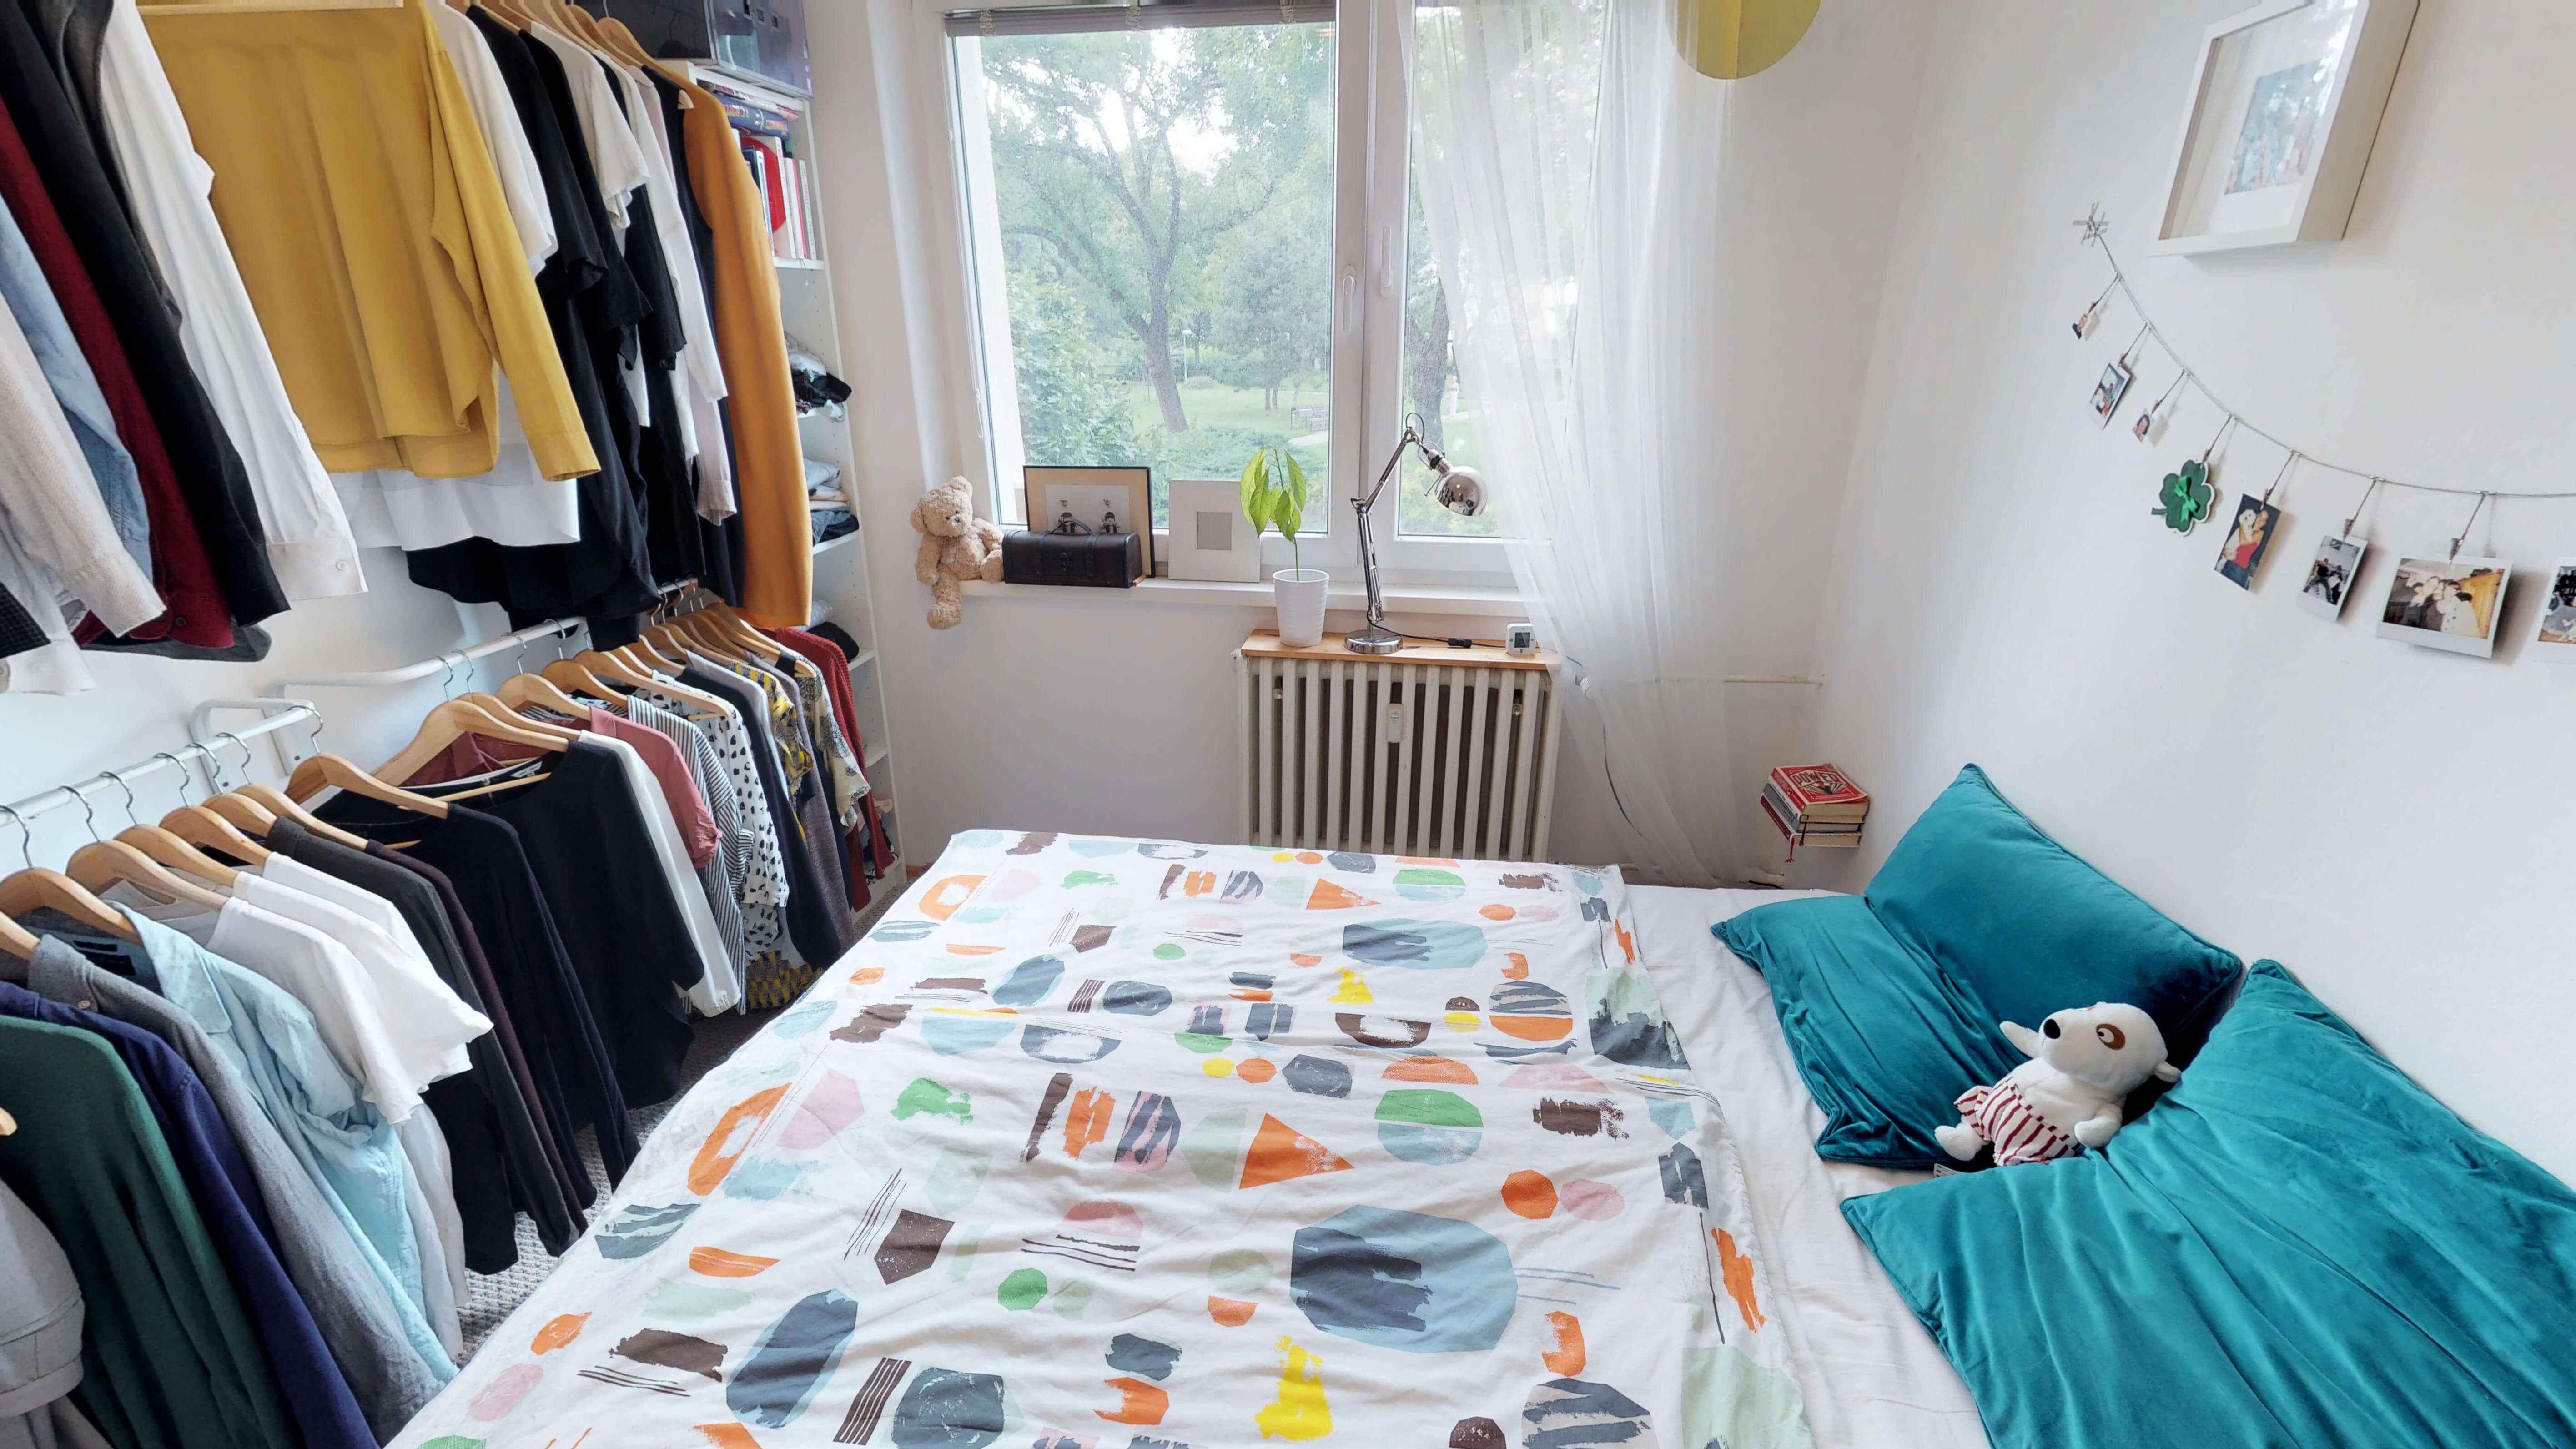 Predané Predaj exkluzívneho 3 izb. bytu,v Ružinove, ulica Palkovičová, blízko Trhoviska Miletičky v Bratislave, 68m2, kompletne zariadený-27